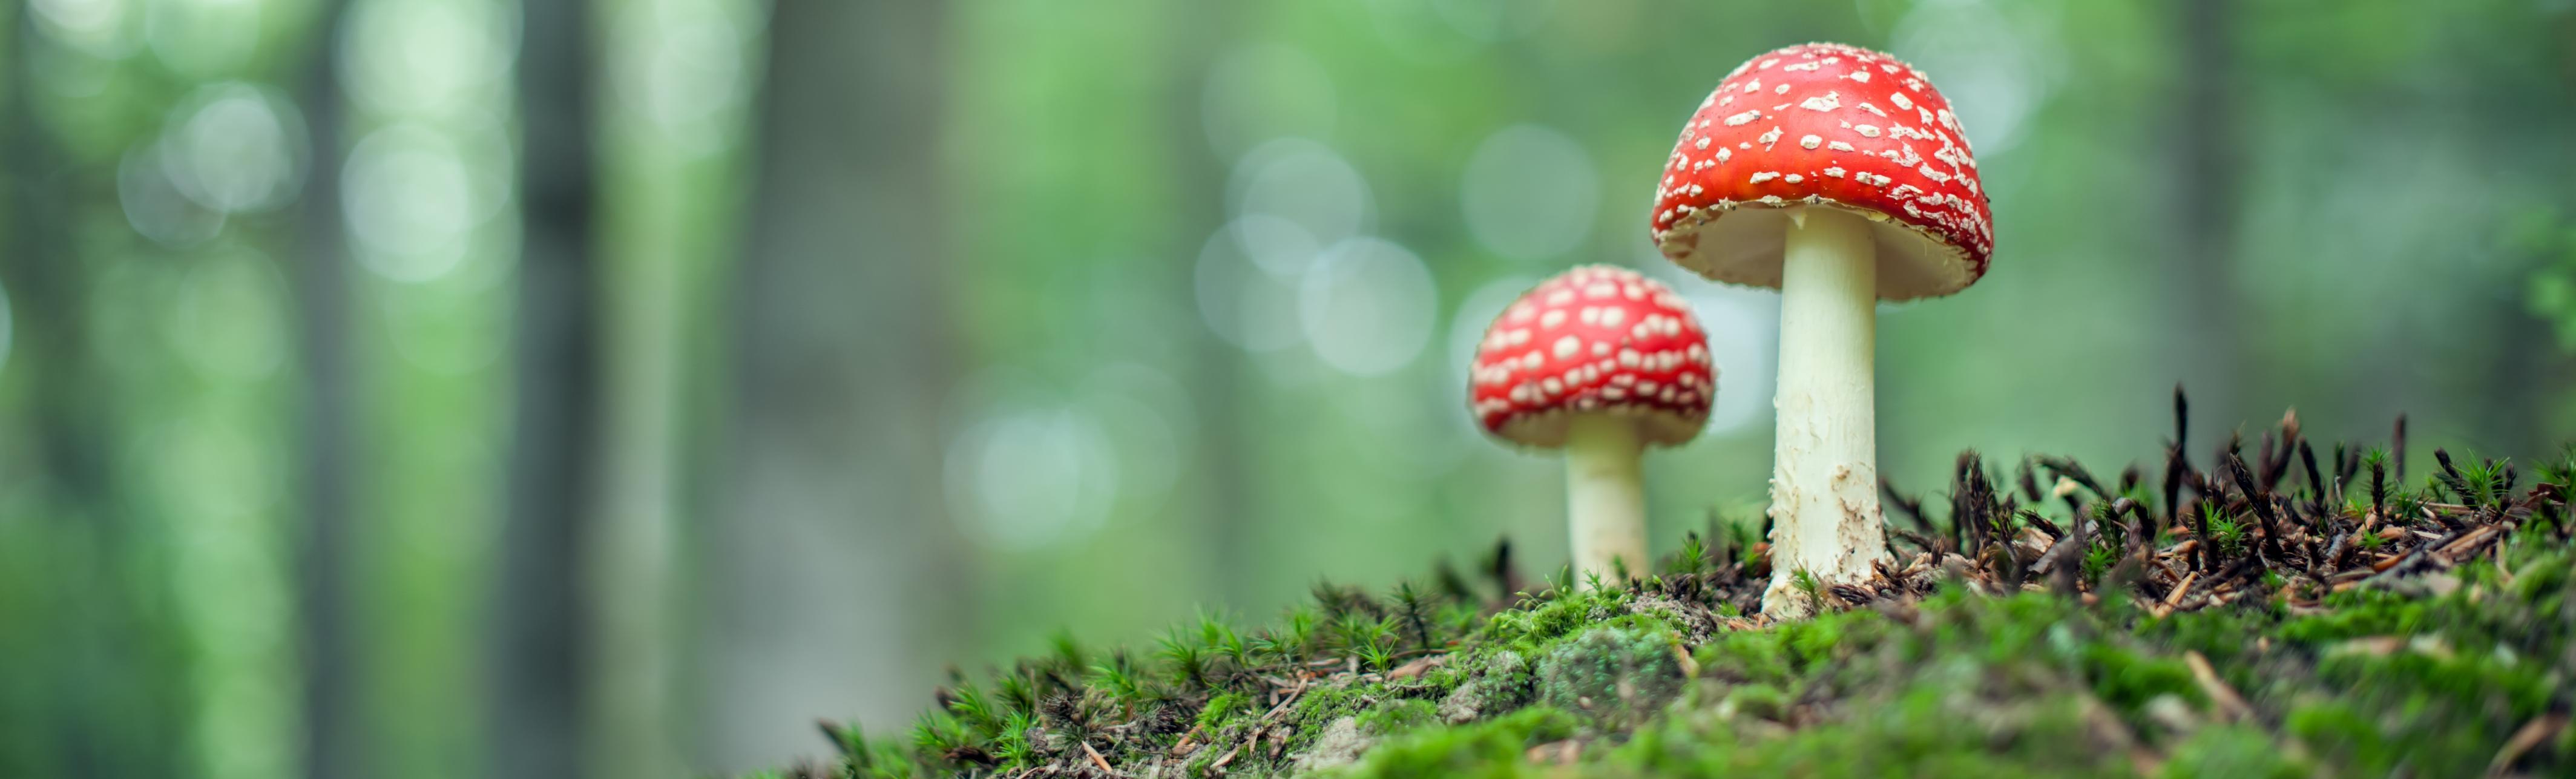 Laat paddenstoelen toe in je tuin